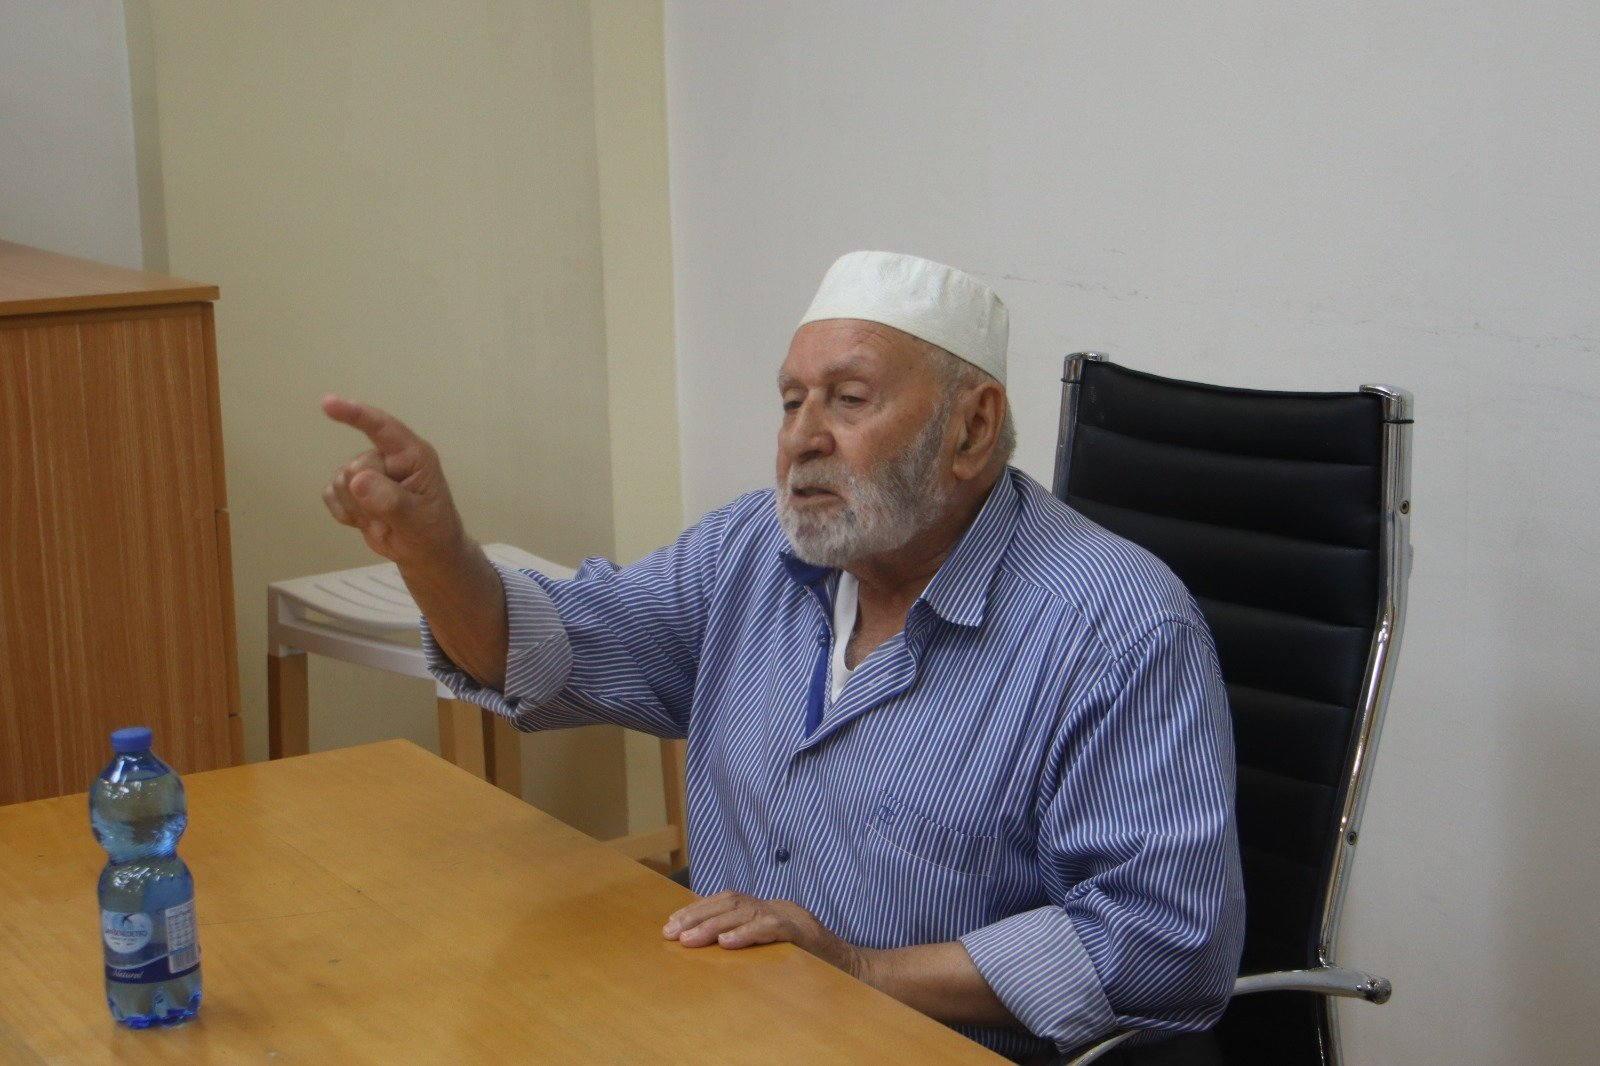 وفد وإدانة حادثة العنف التي تعرض لها رئيس باقة الغربية-6